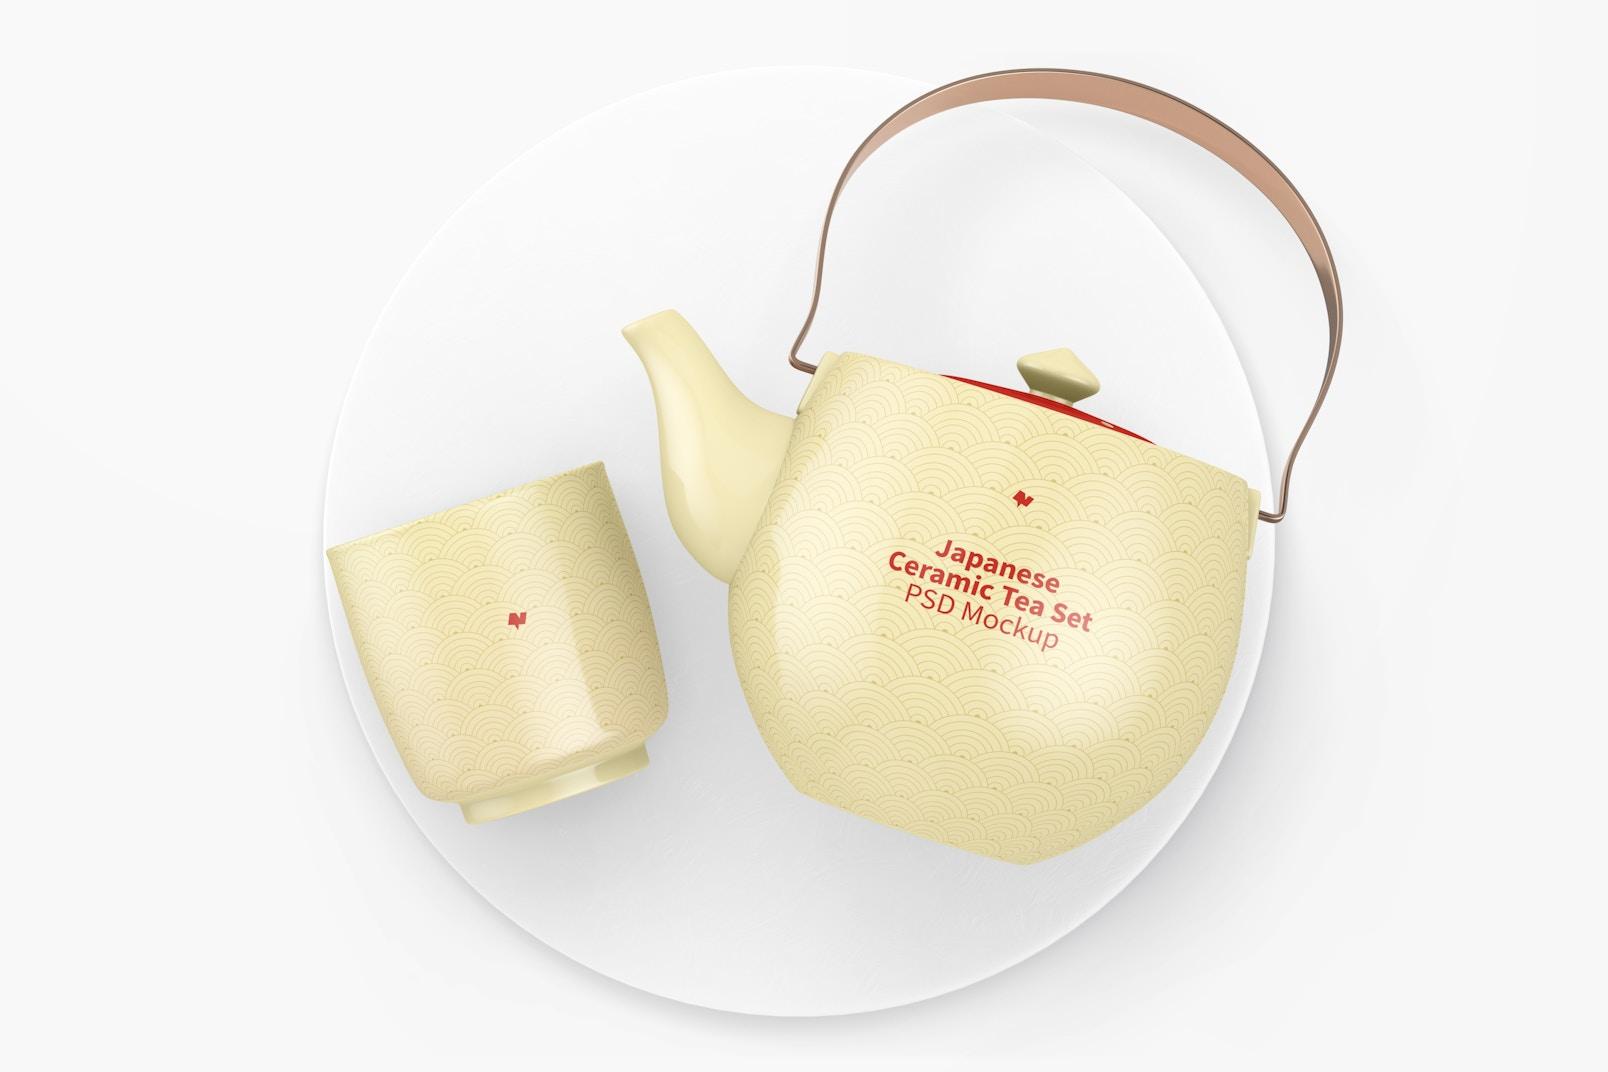 Japanese Ceramic Tea Set Mockup, Top View